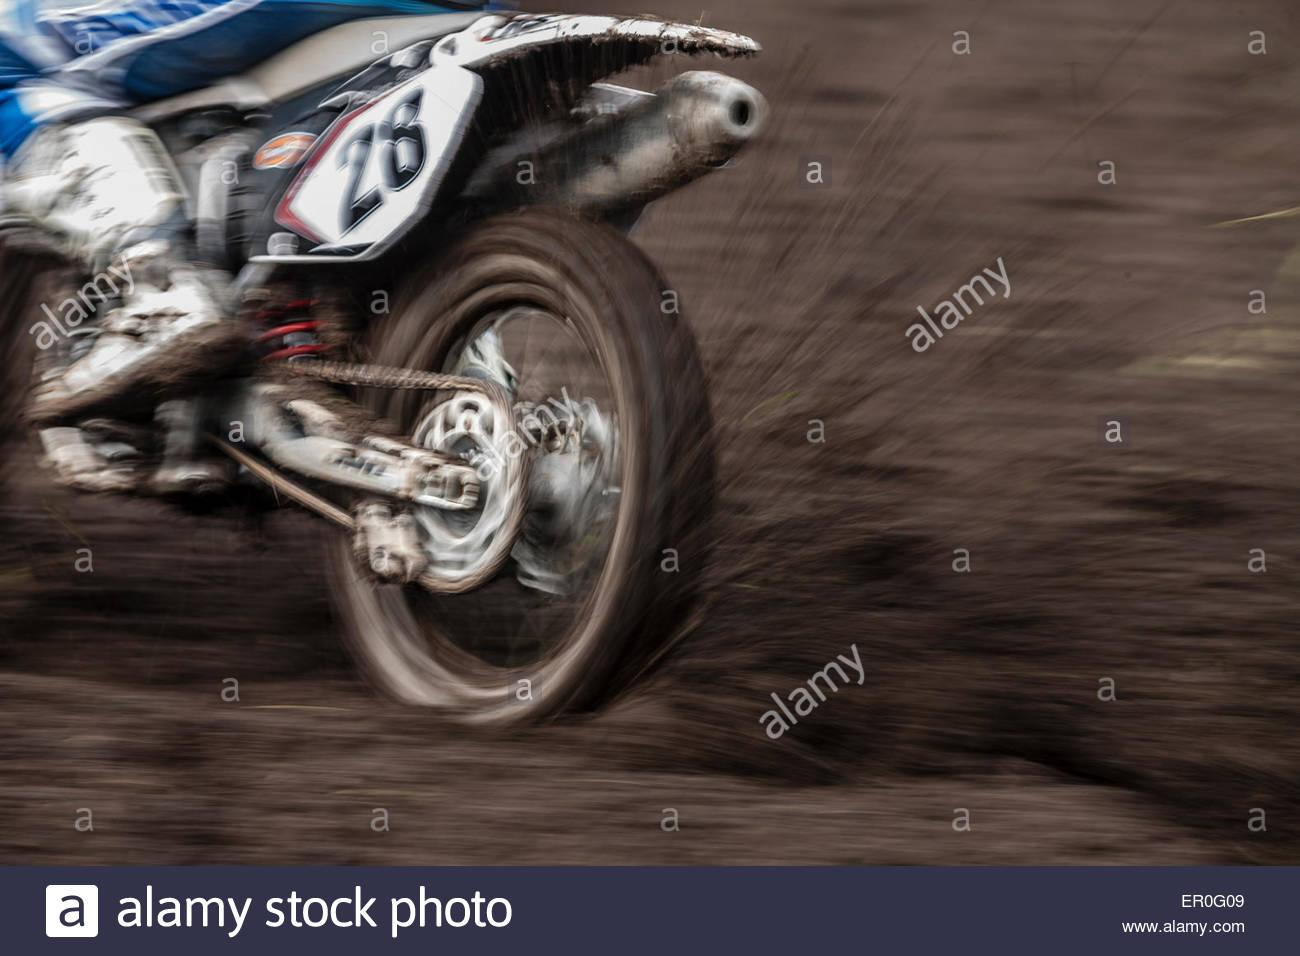 Motorsport Motocross Motorrad Fahrer Stockbild